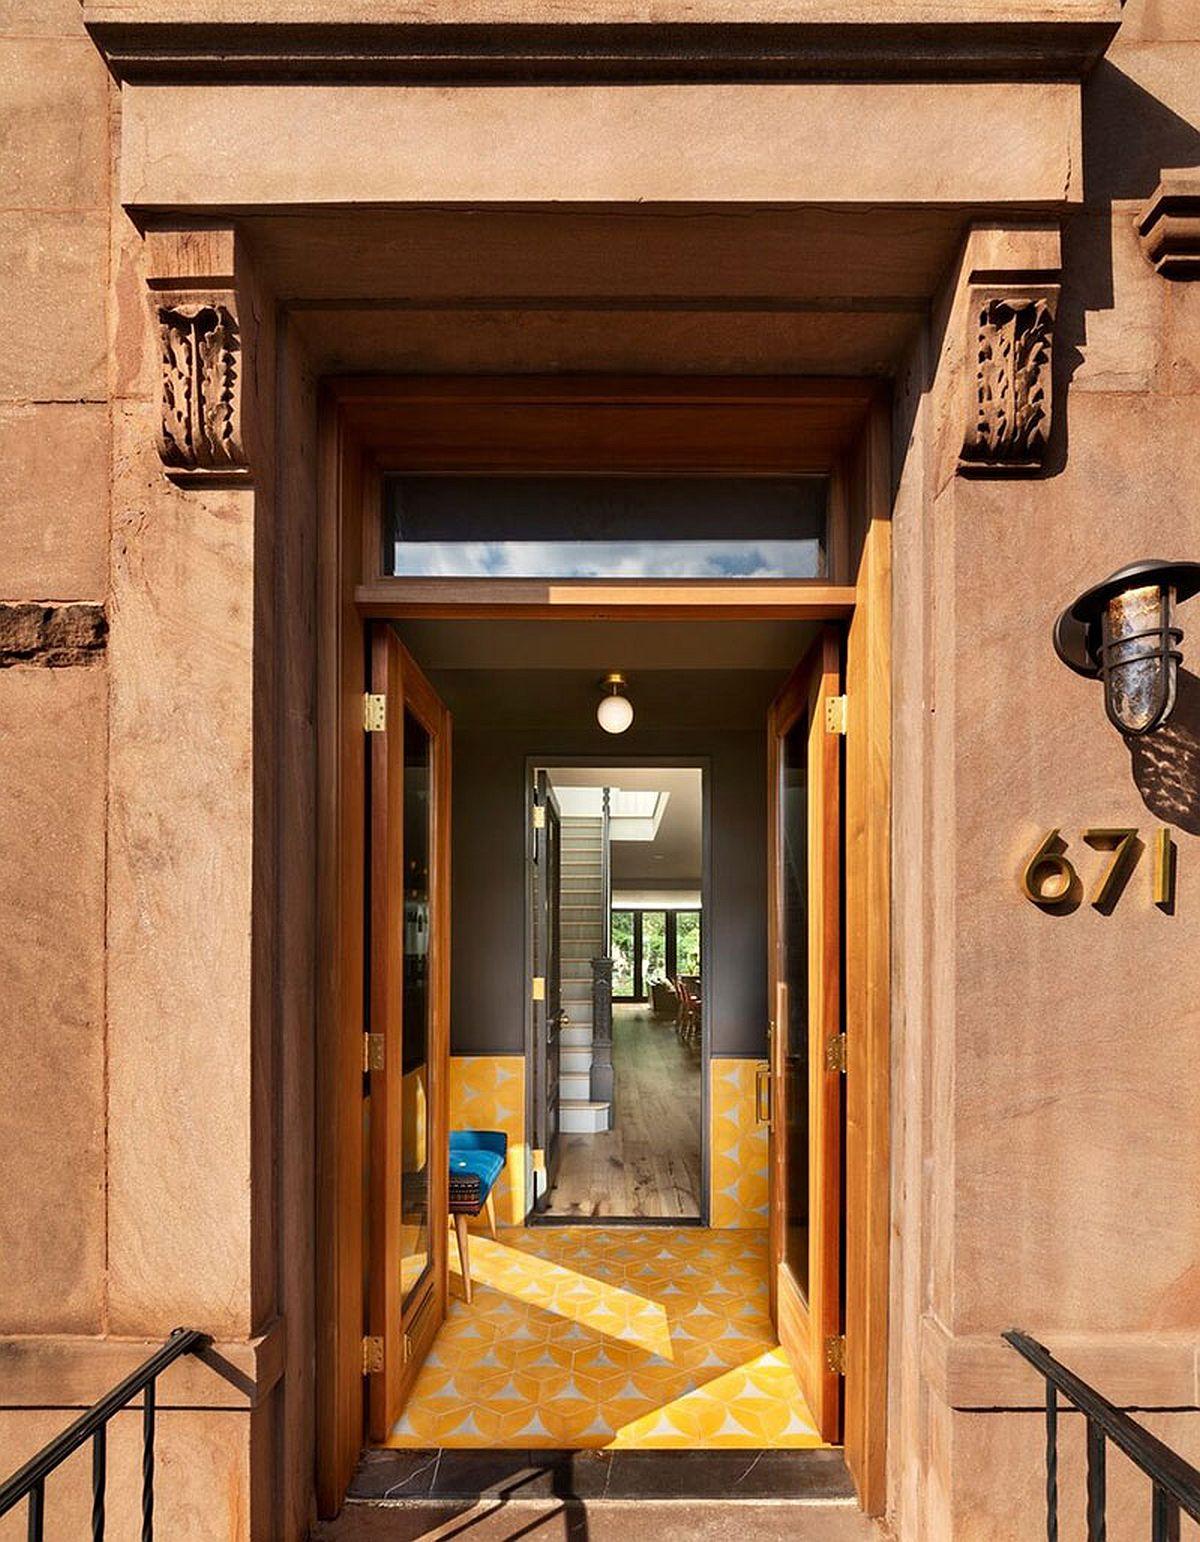 De la intrarea în casă se poate observa configurația planului, respectiv spațiul lung și îngust al parterului, deschis în partea din spate către curtea interioară. Dacă fațada este în stil vechi, interiorul se conturează într-un stil actual.